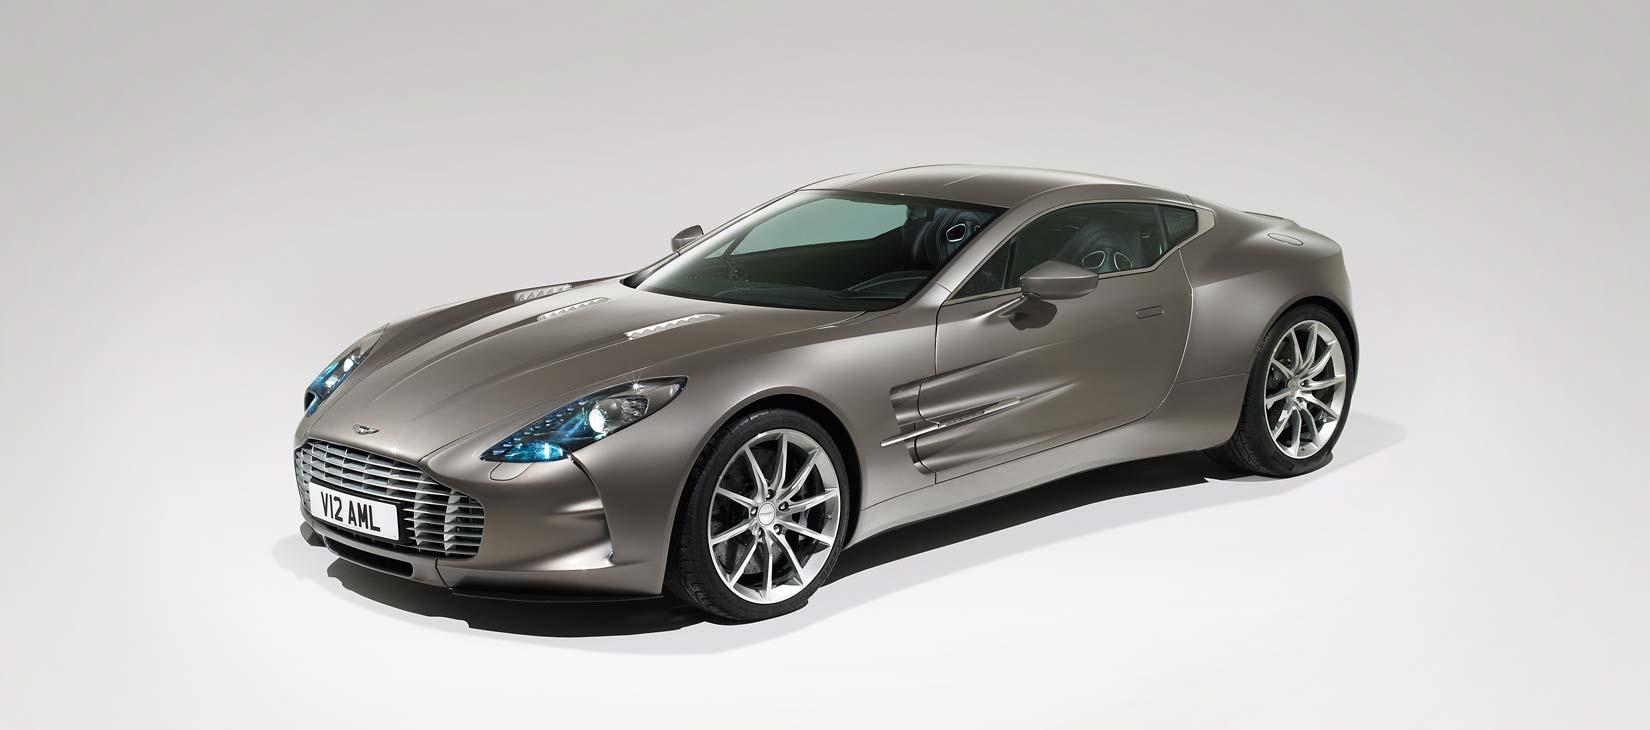 Aston Martin One-77 2009 - 2012 Coupe #3